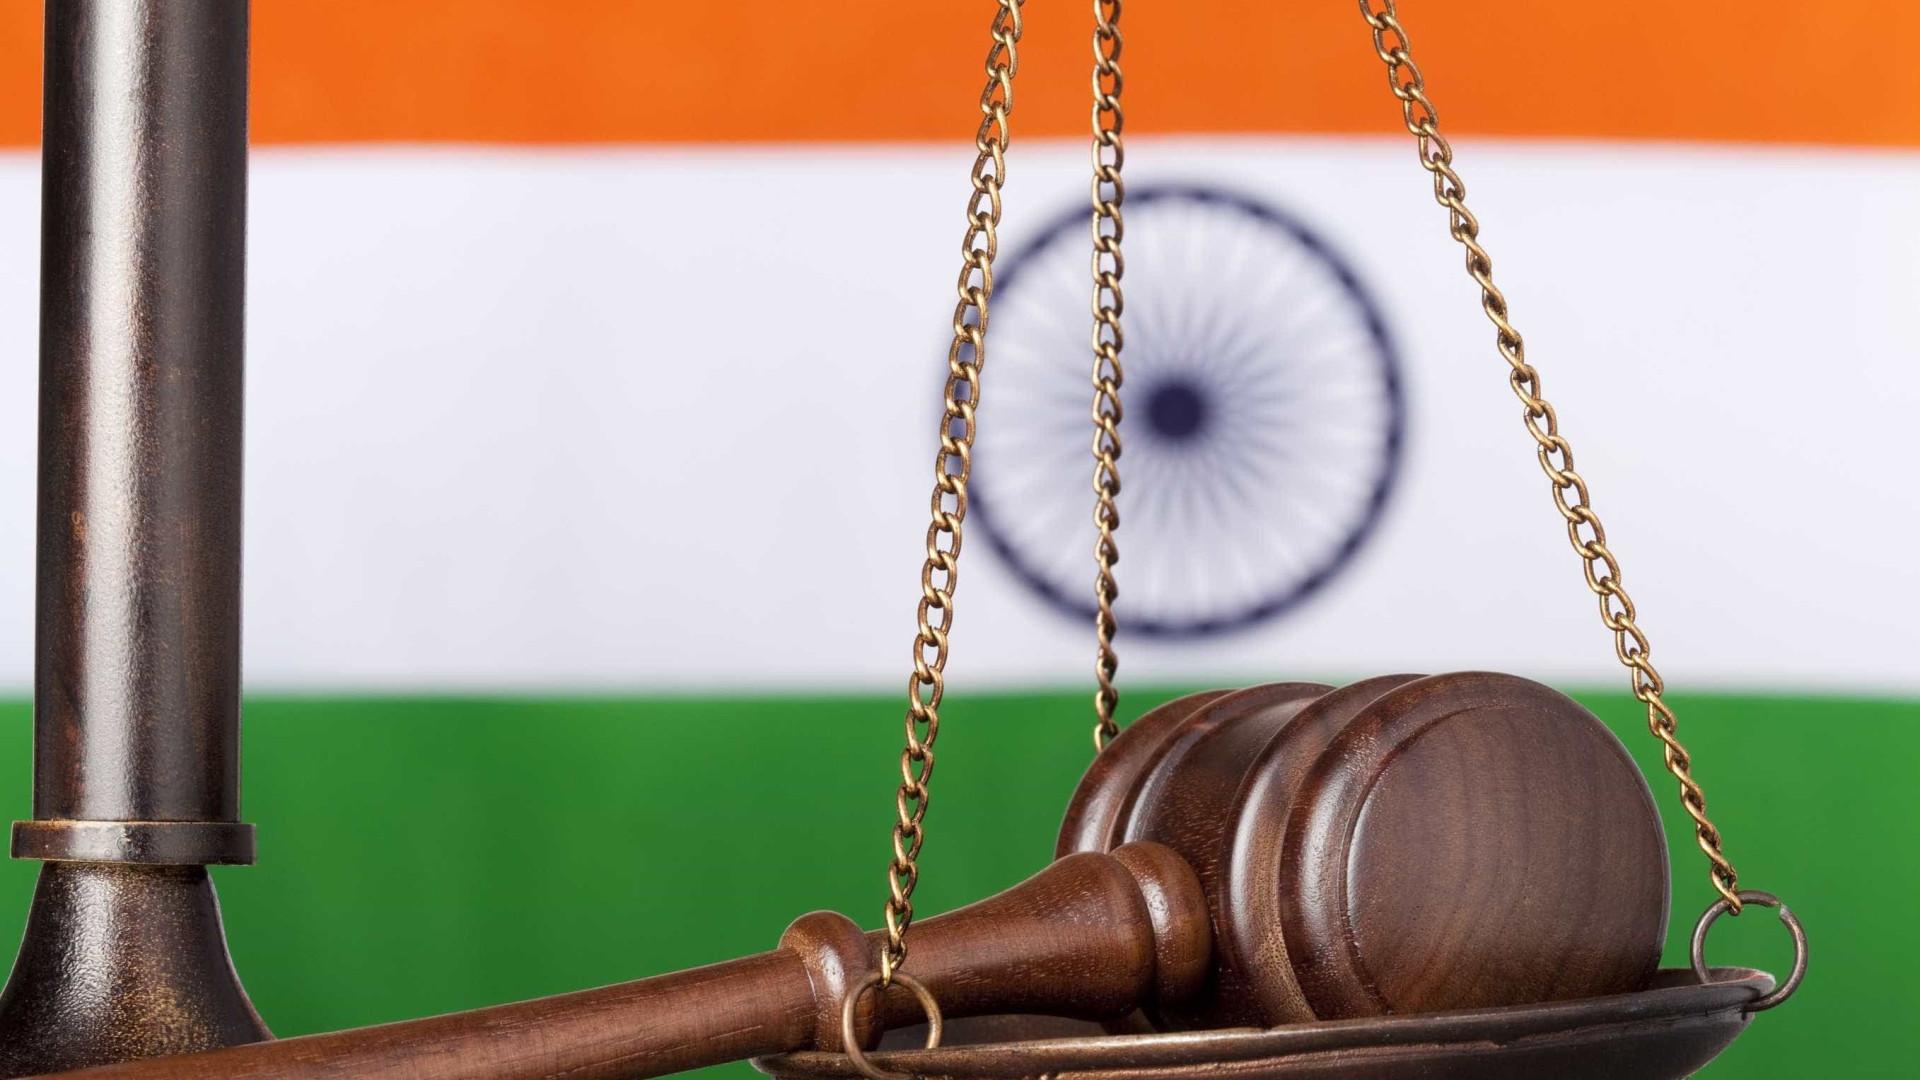 Tribunal indiano confirma penas de morte para estupro coletivo